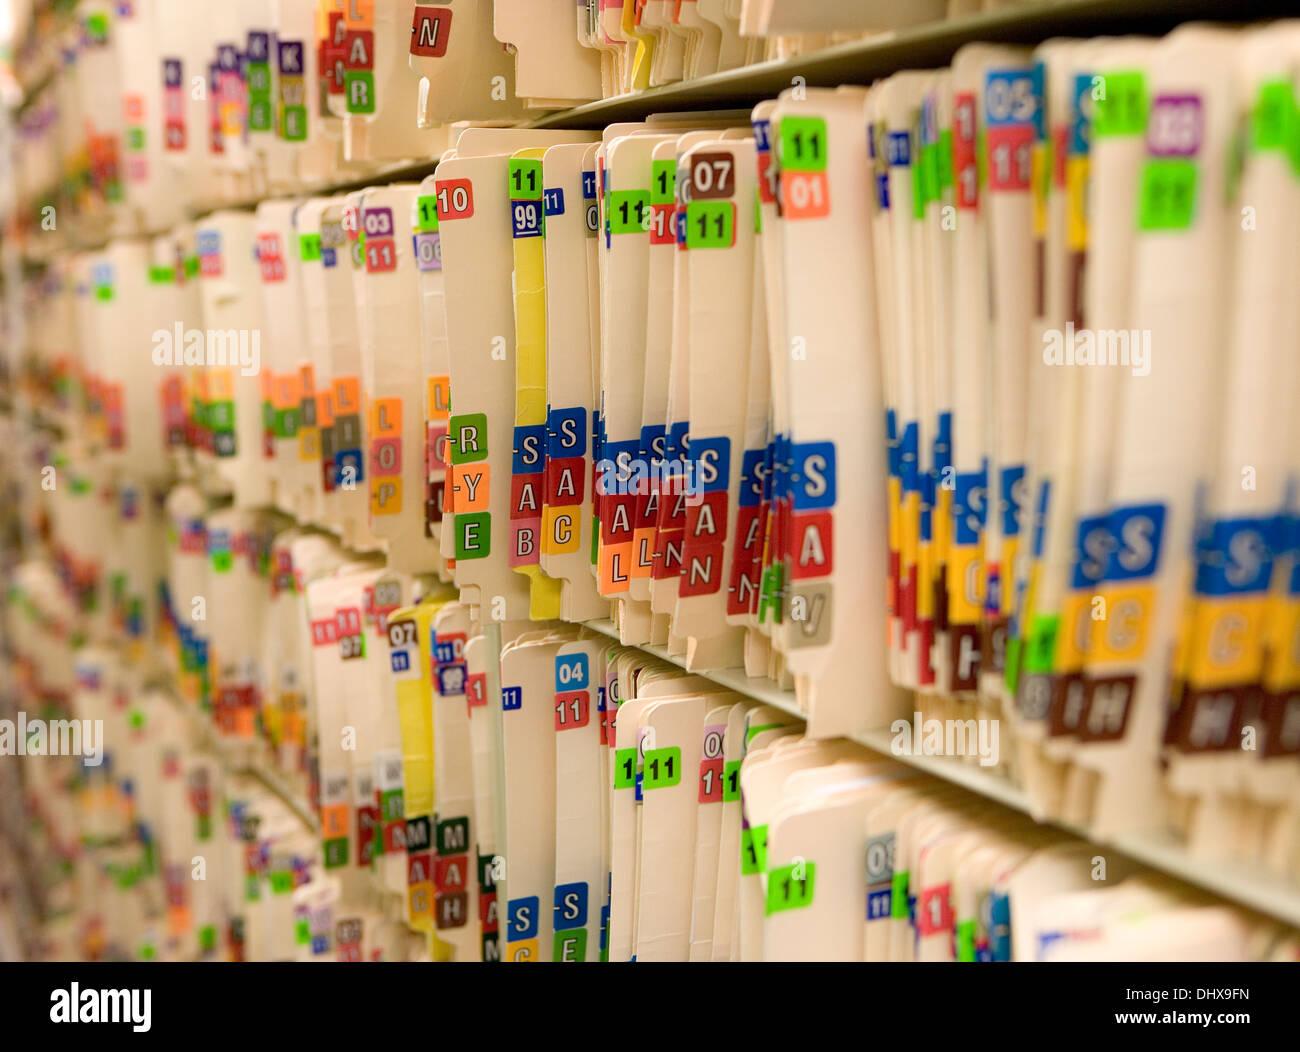 Archivos médicos en un consultorio médico Imagen De Stock